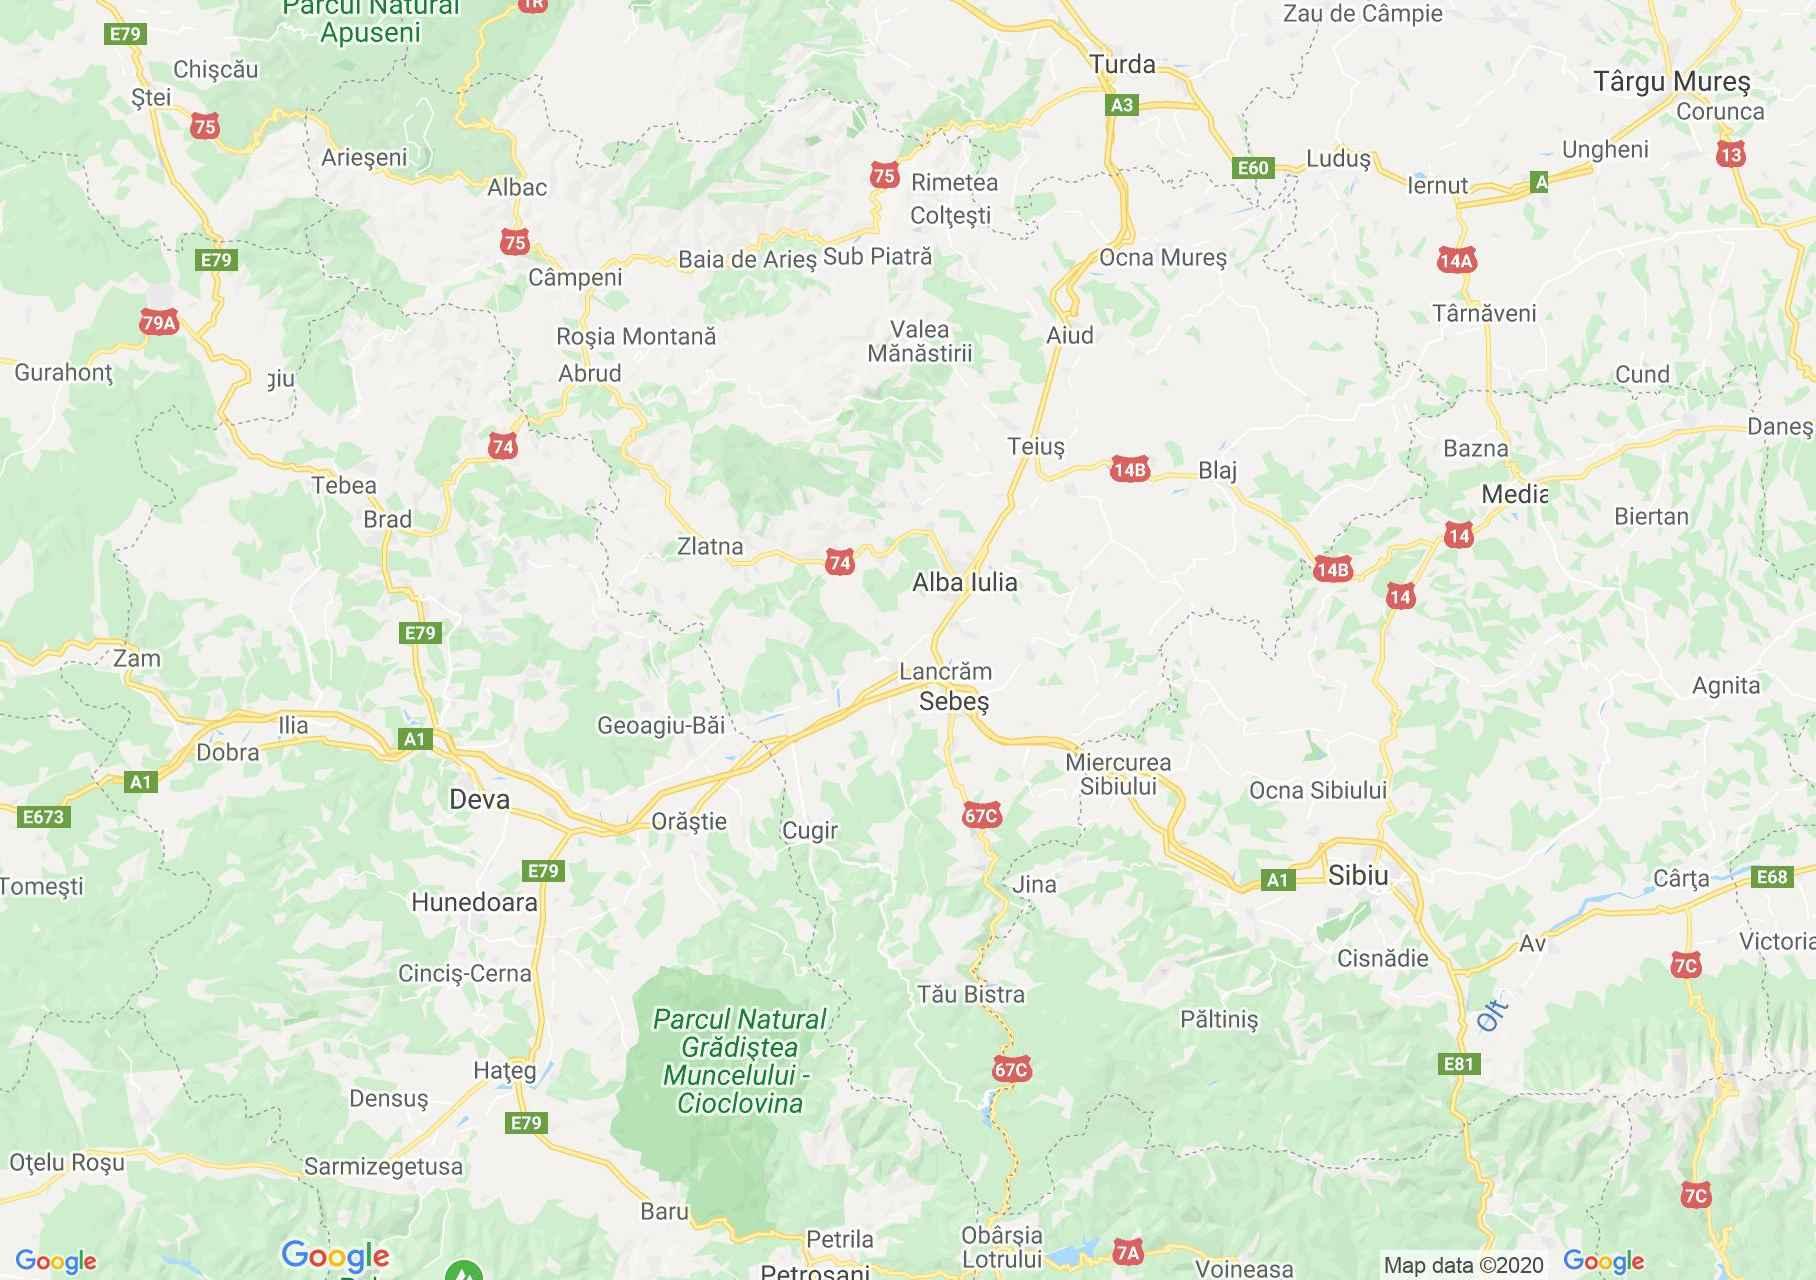 Judeţul Alba: (Alba Iulia), Harta turistică interactivă